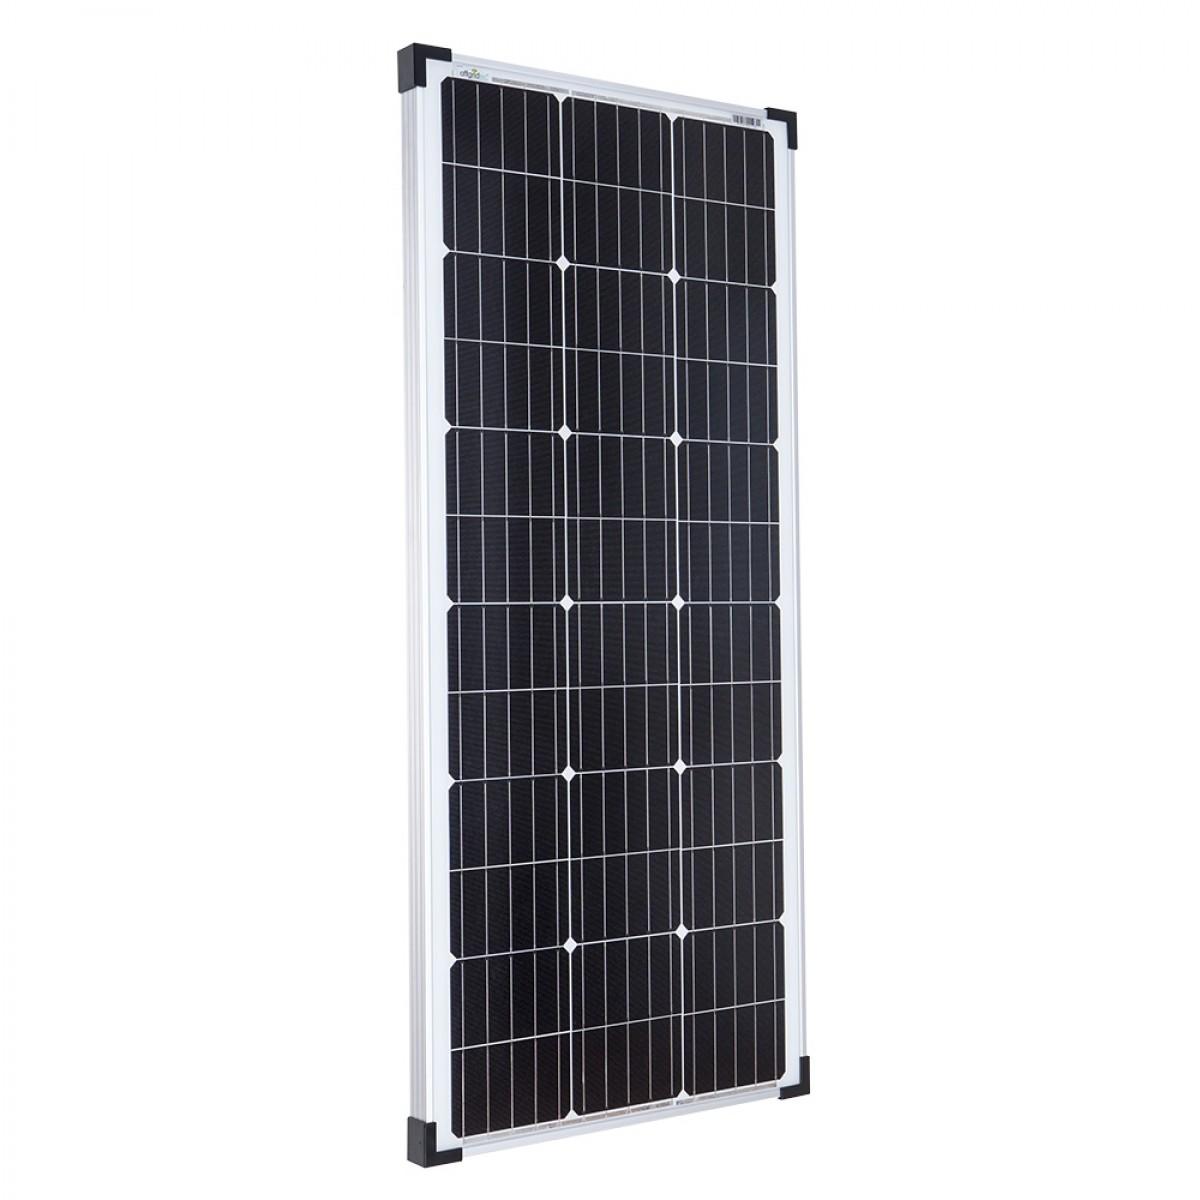 Offgridtec Solarmodul 100Wp 5